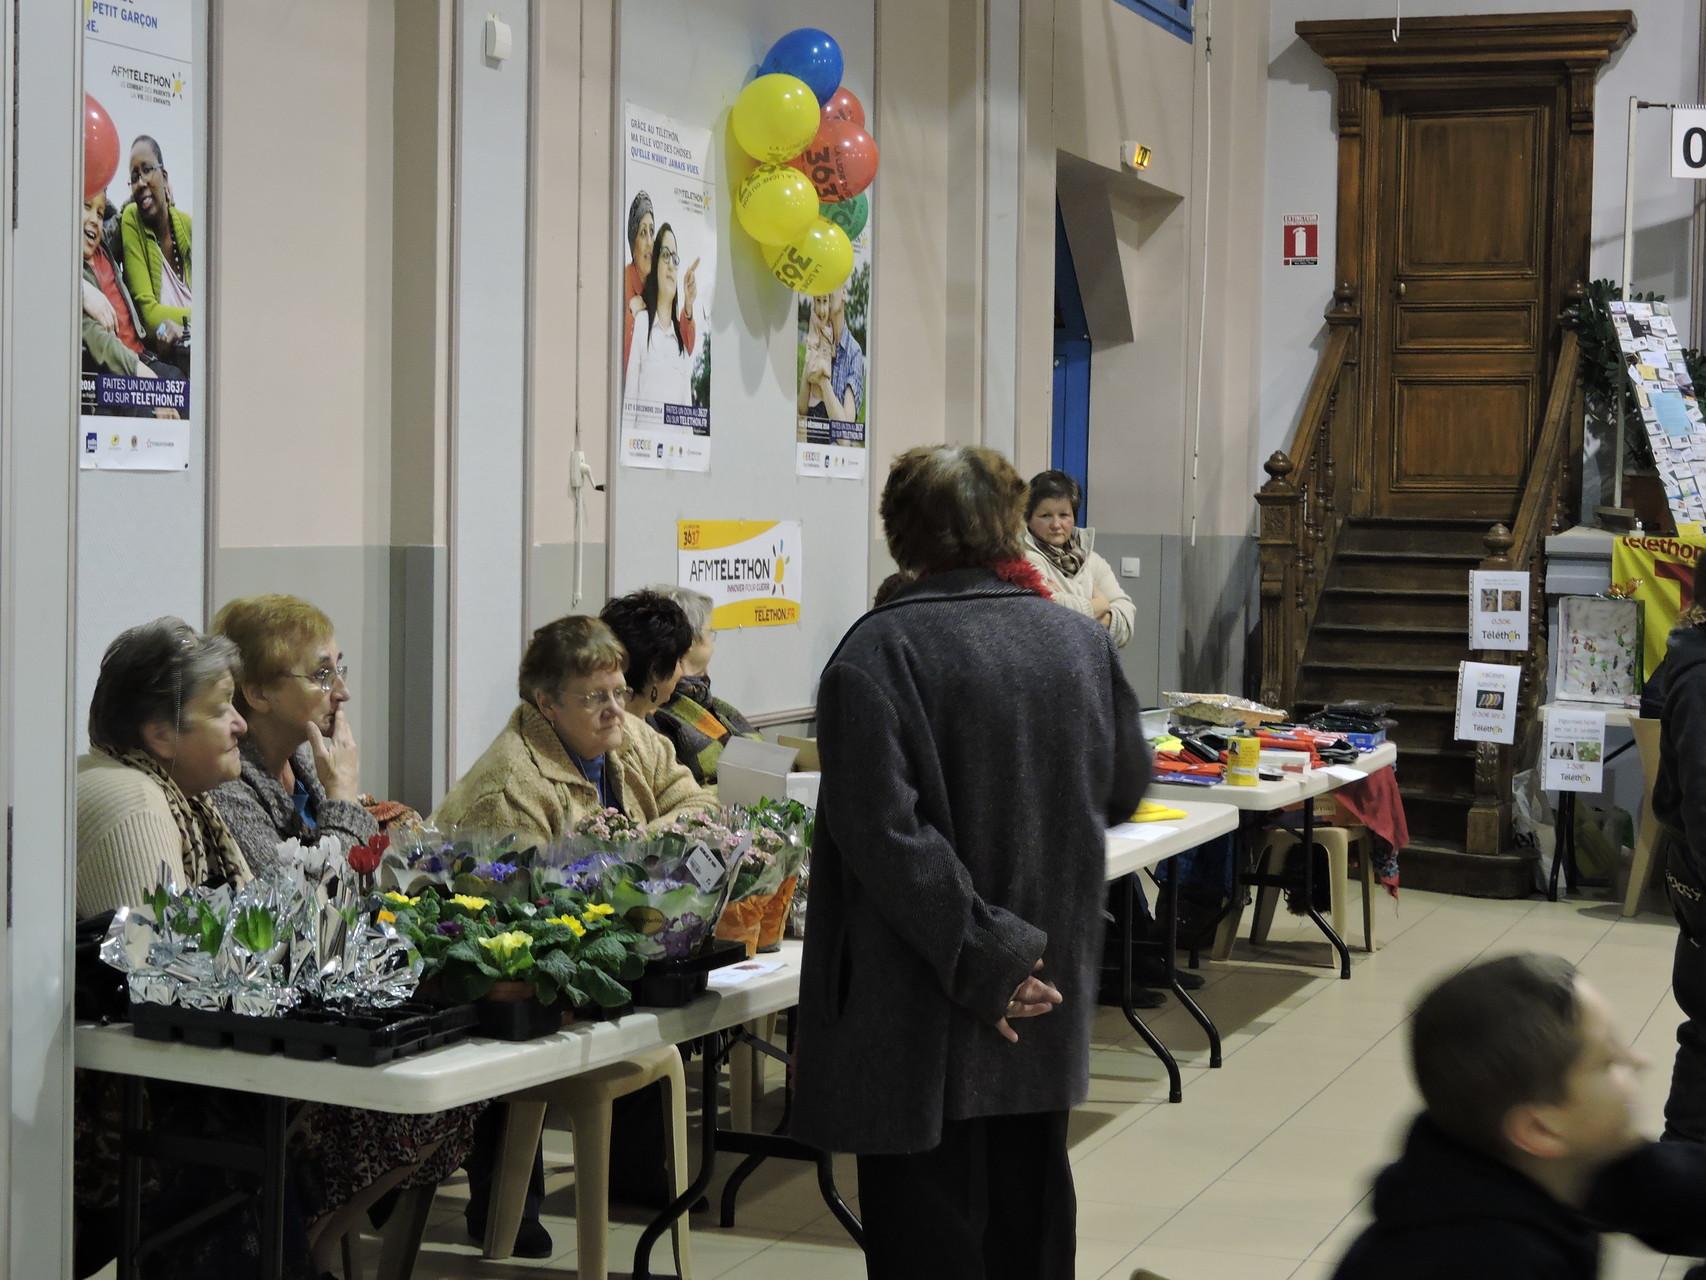 Les bénévoles étaient en place dès le vendredi